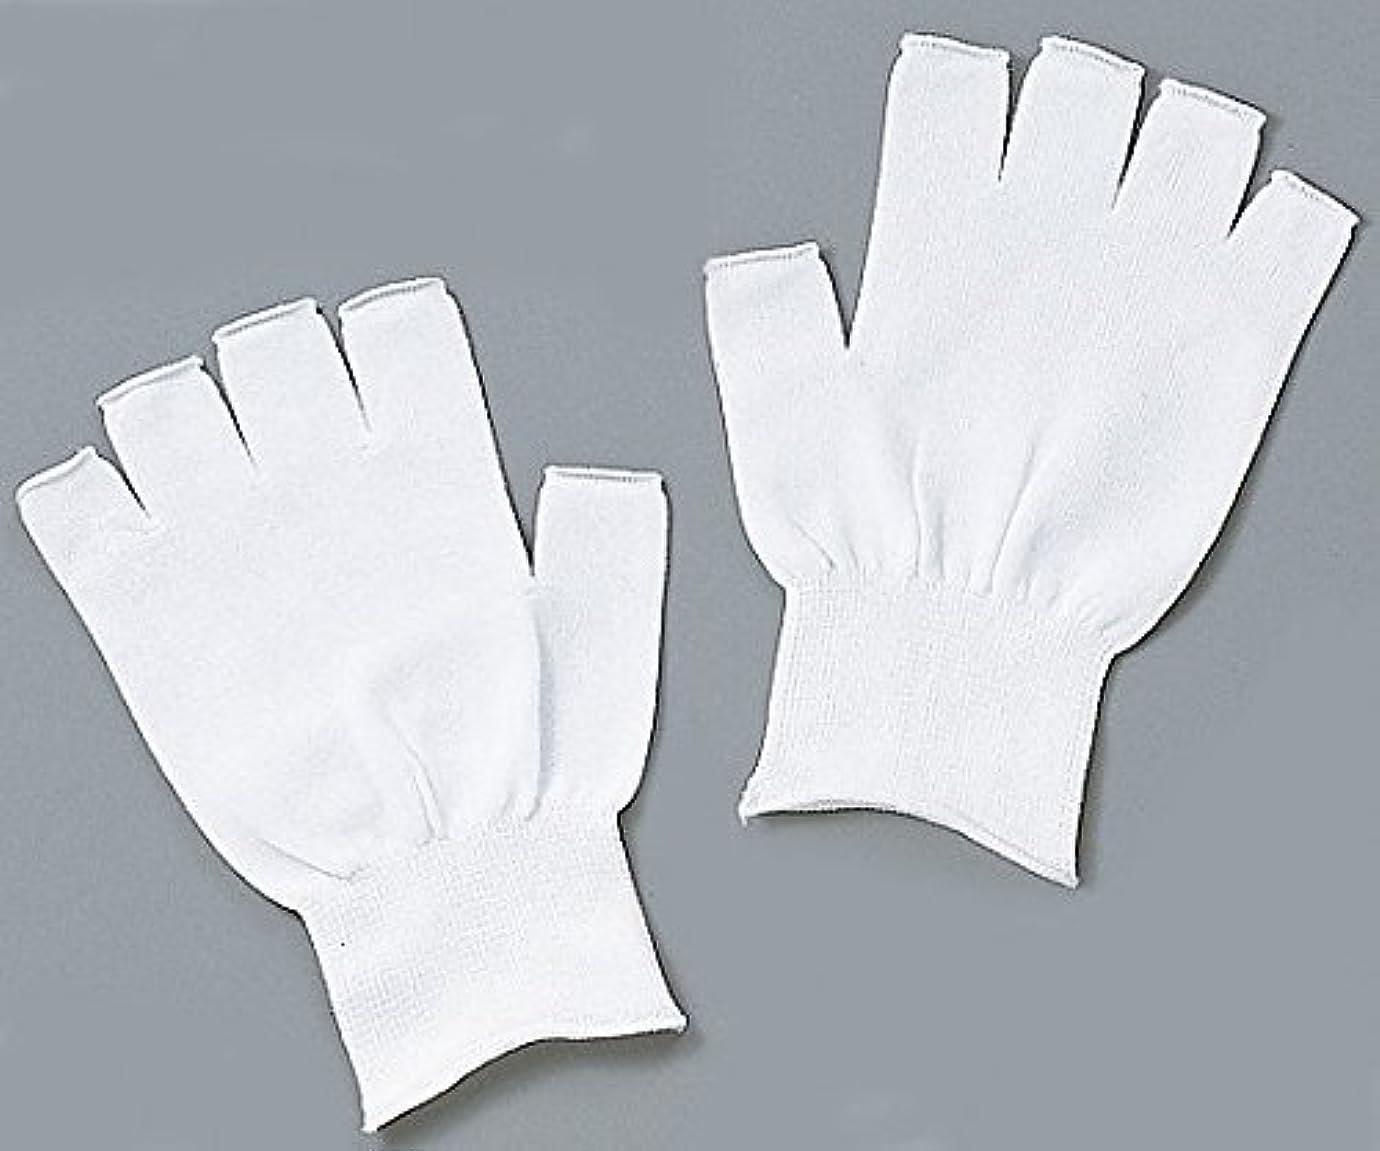 エレクトロニックプライムシンプルさアズピュア(アズワン)1-4293-01アズピュアインナー手袋指先無しフリー10双20枚